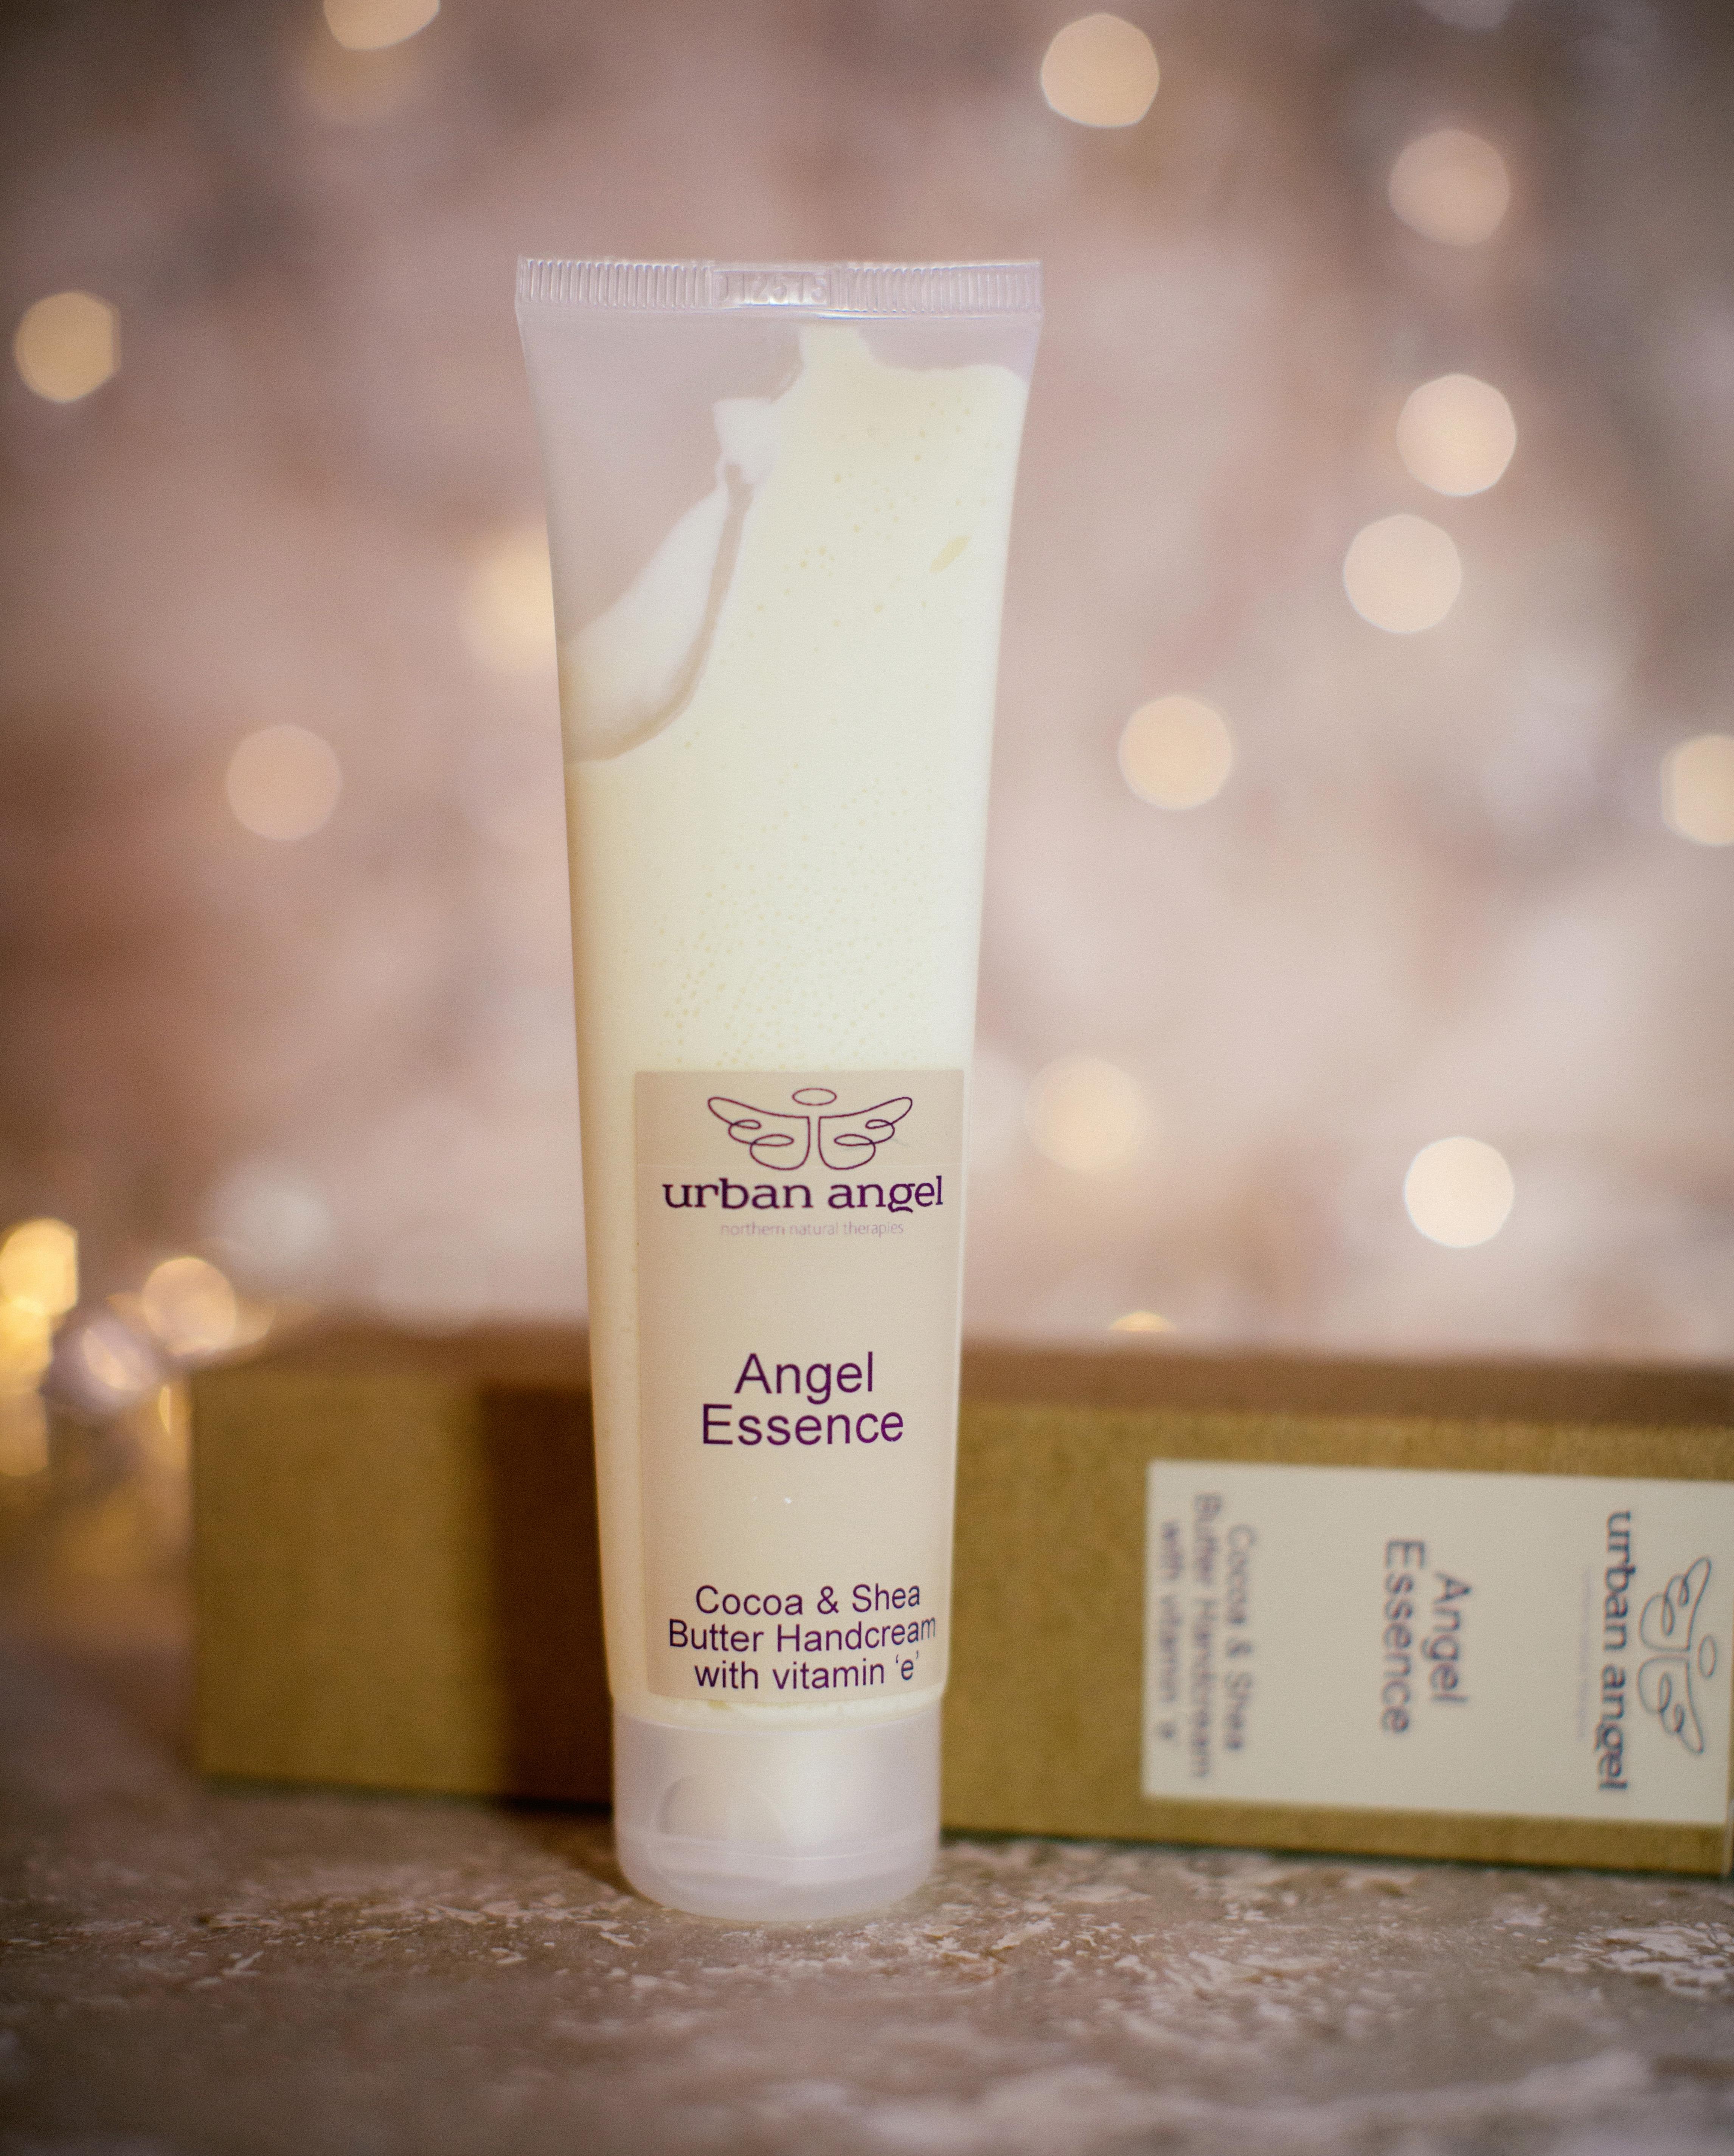 Angel Essence Hand Cream